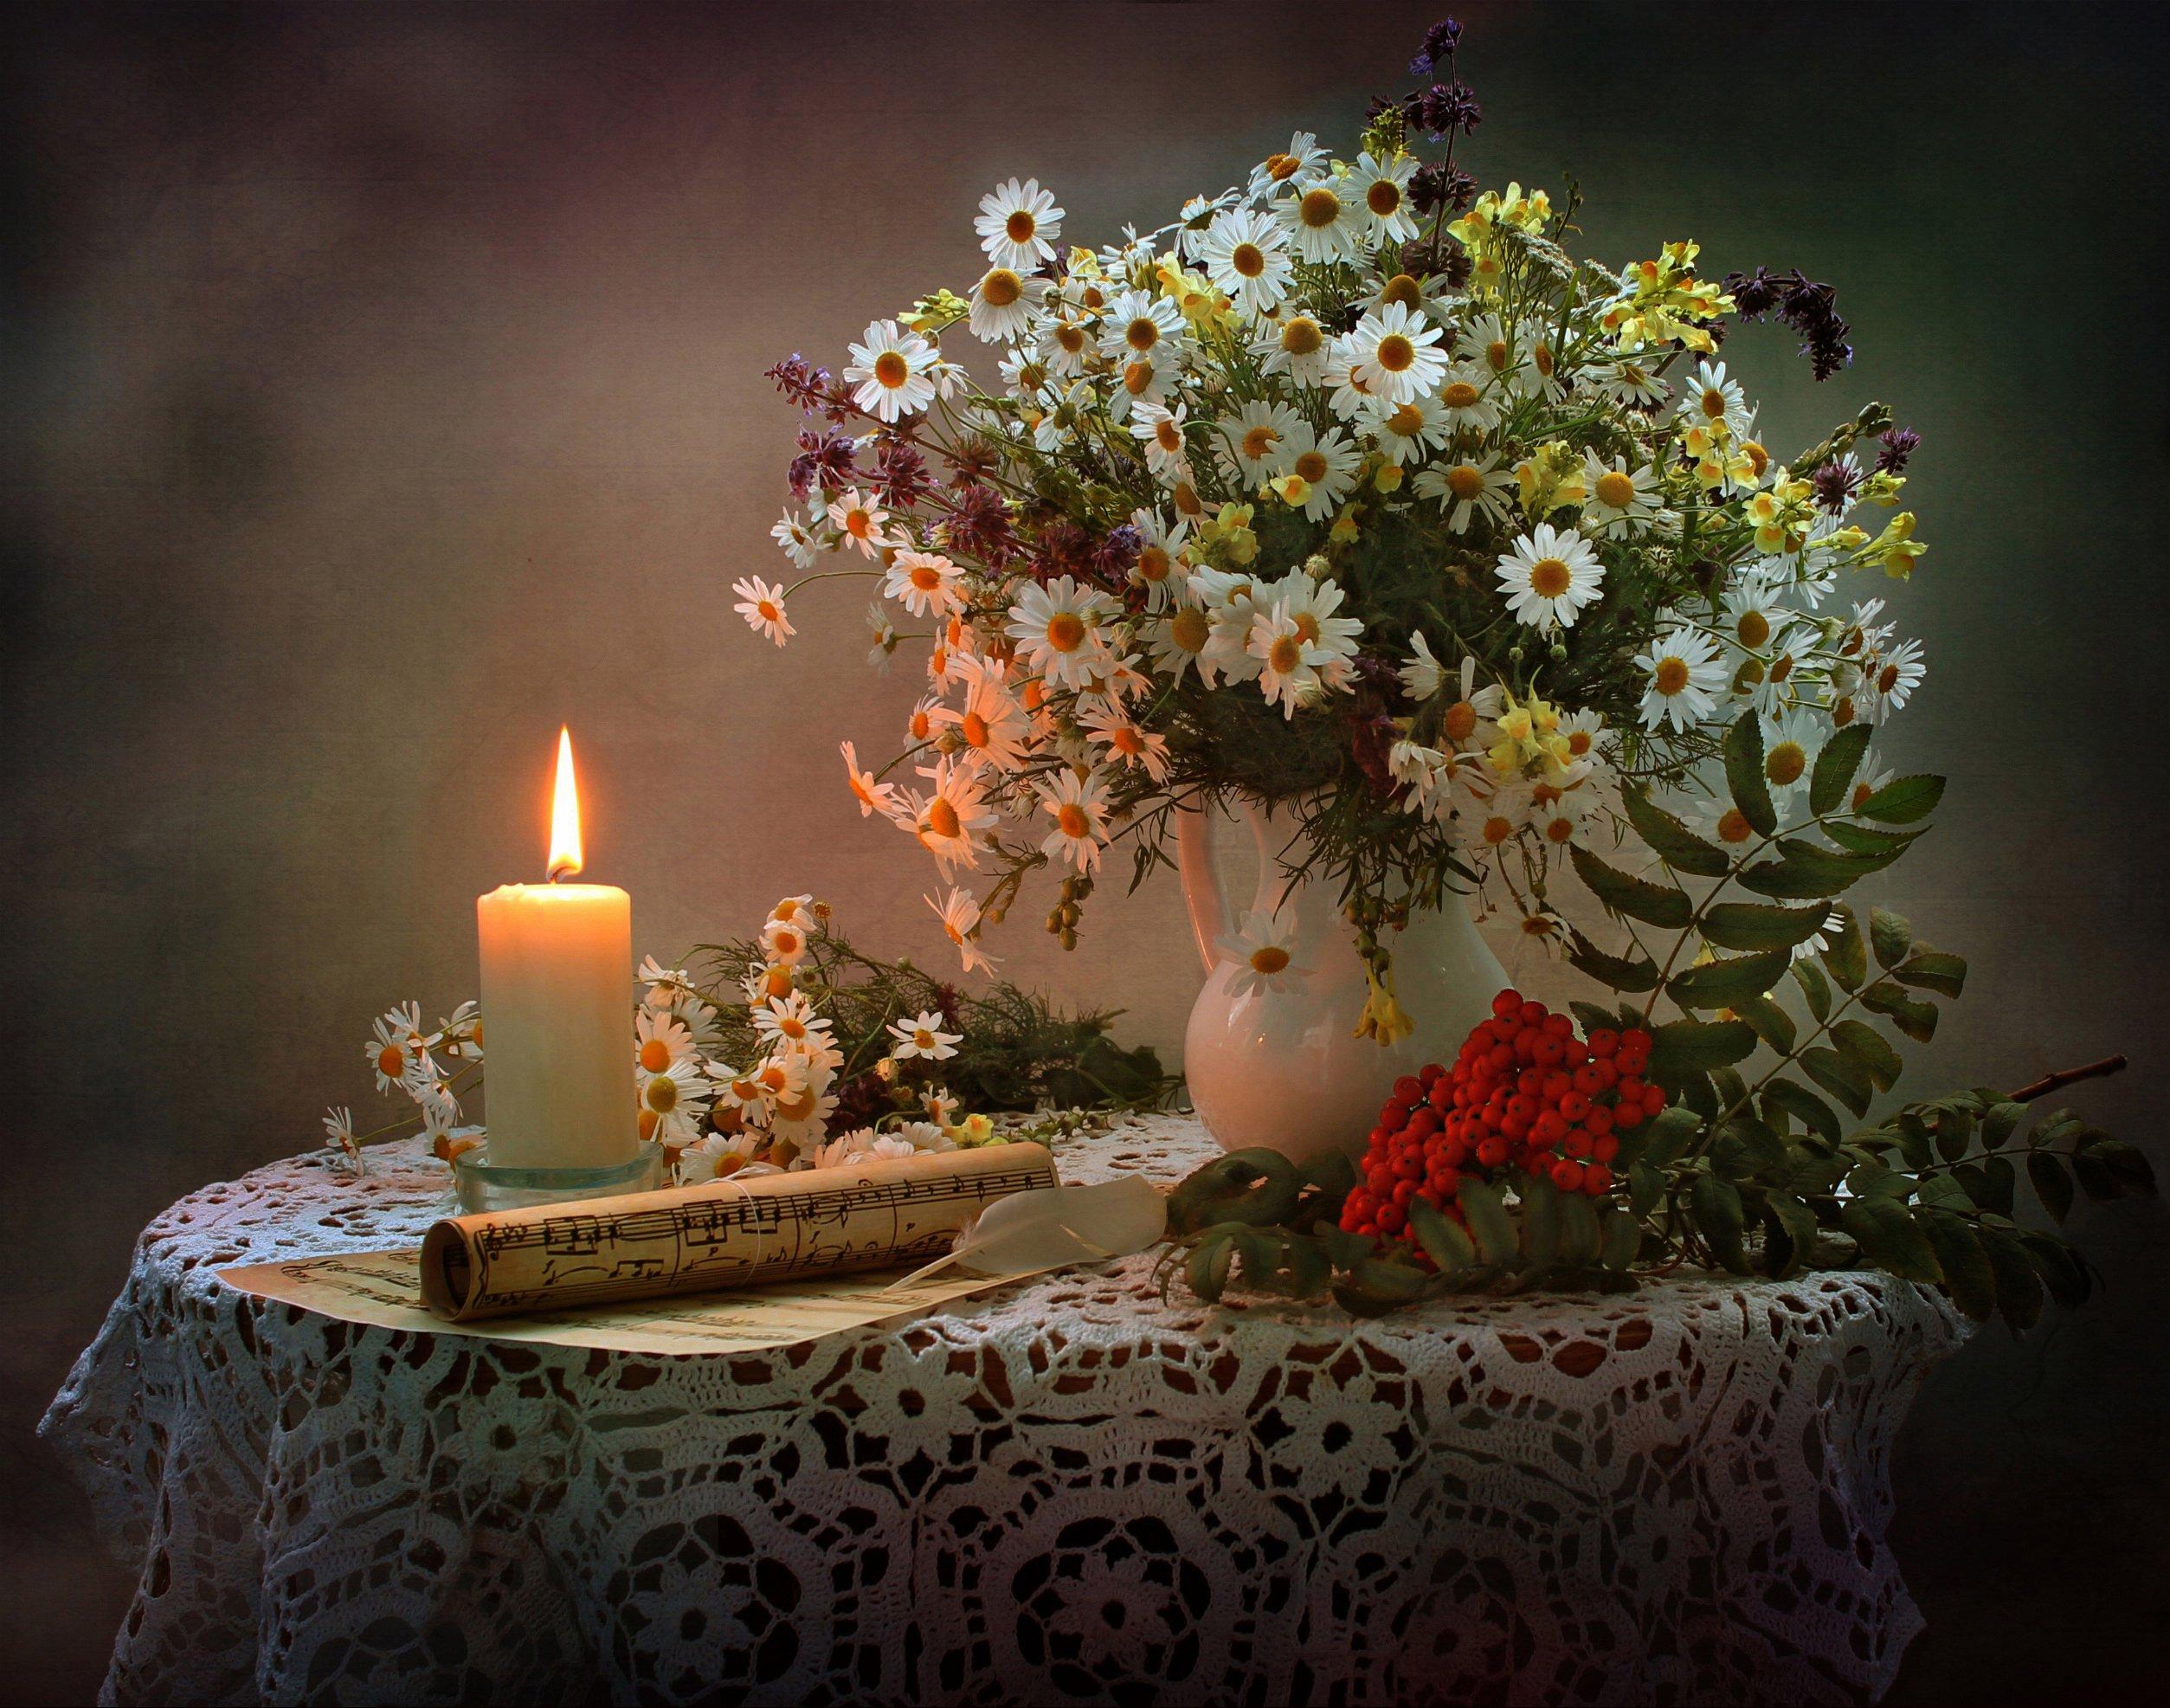 натюрморт, осень, букет, ромашки, свеча, ноты, Ковалева Светлана